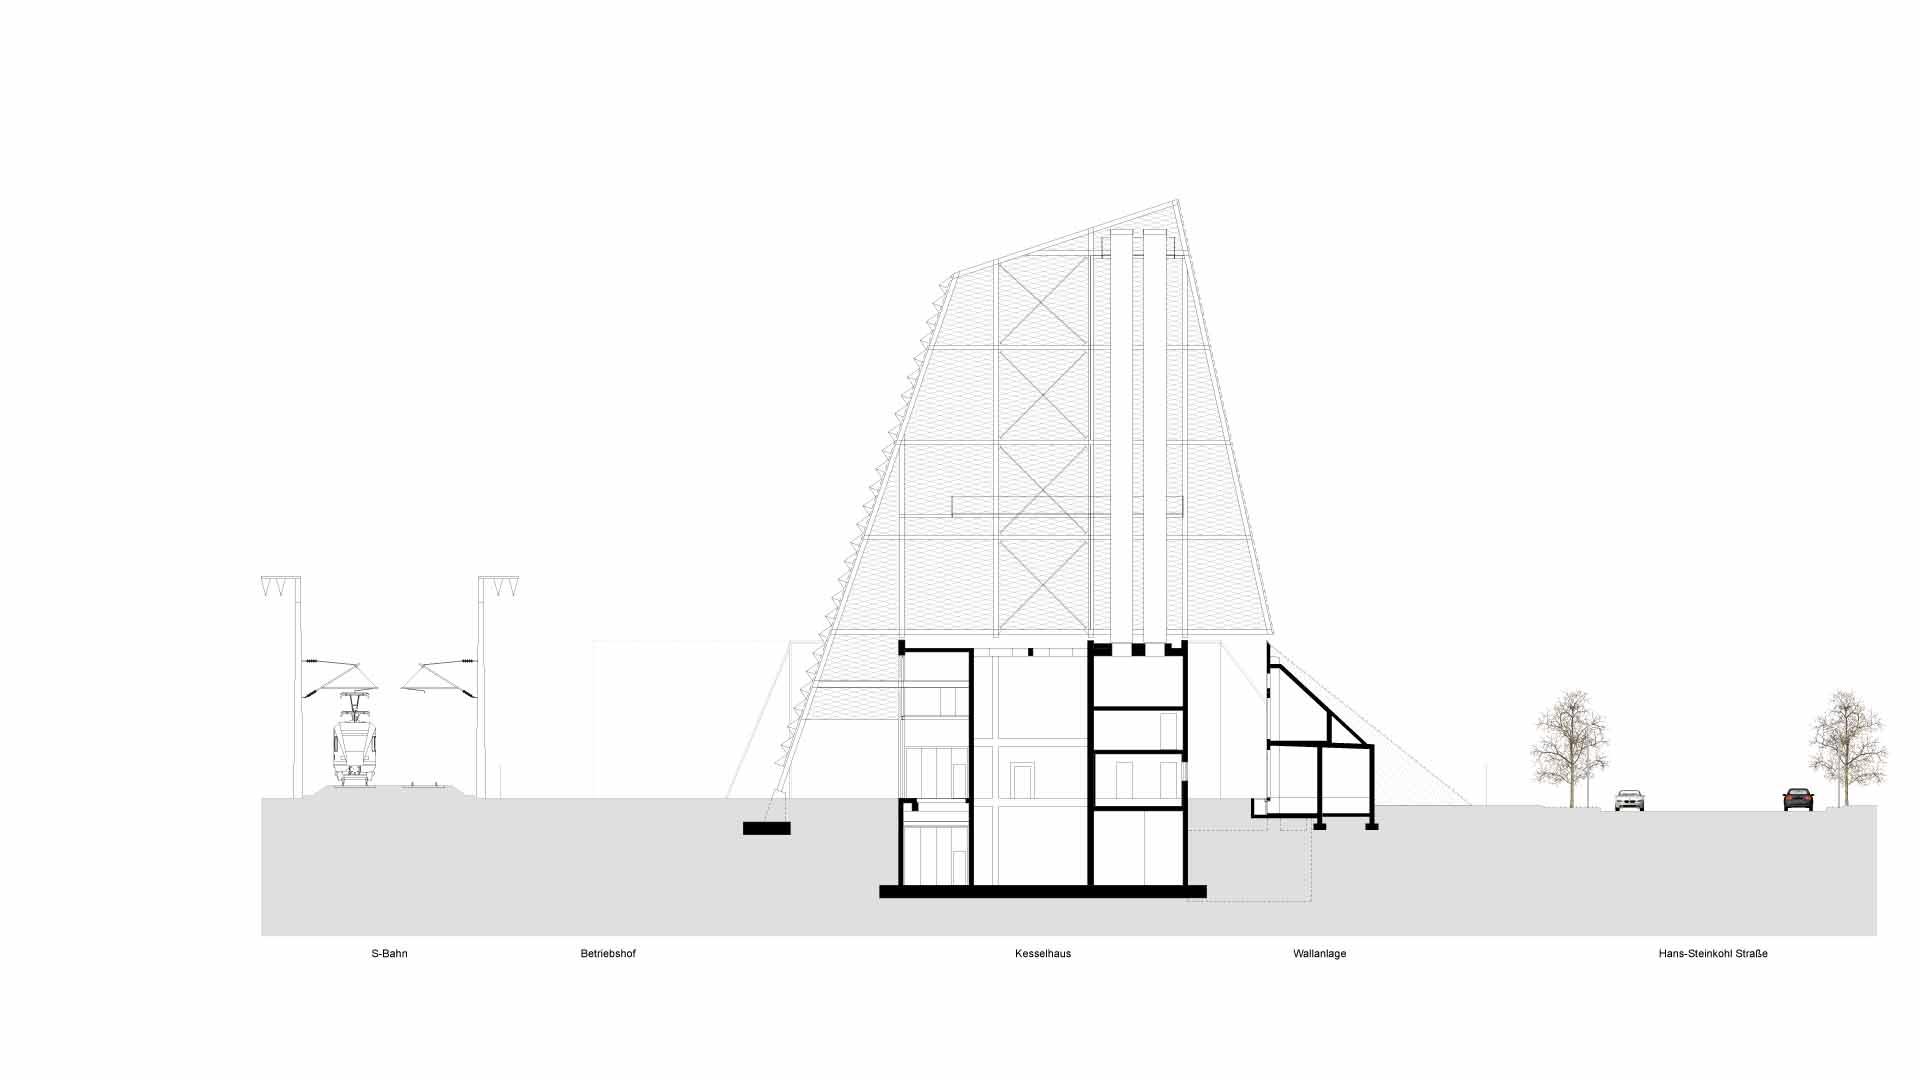 Energiezentrale Freiham